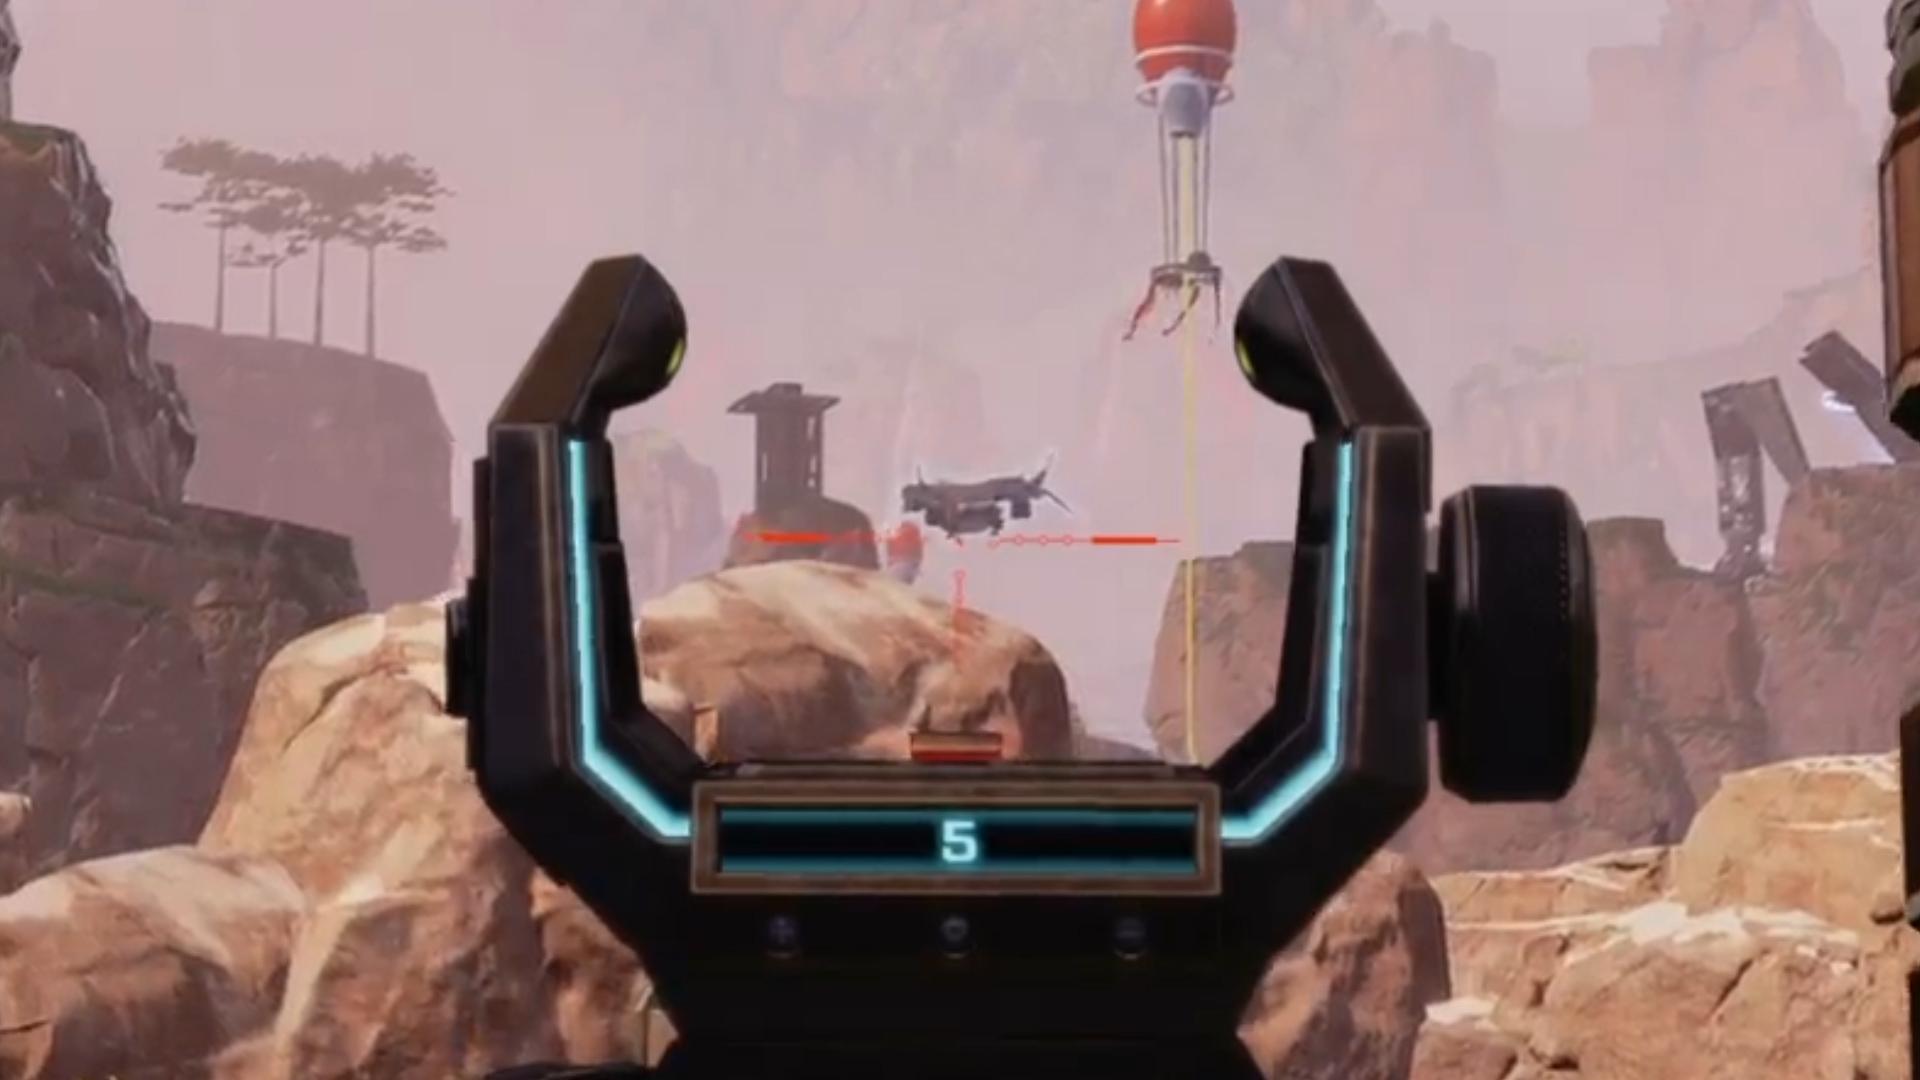 リスポーンしている敵を遠距離センチネルで撃ち抜いた時の海外APEXプレイヤーの反応